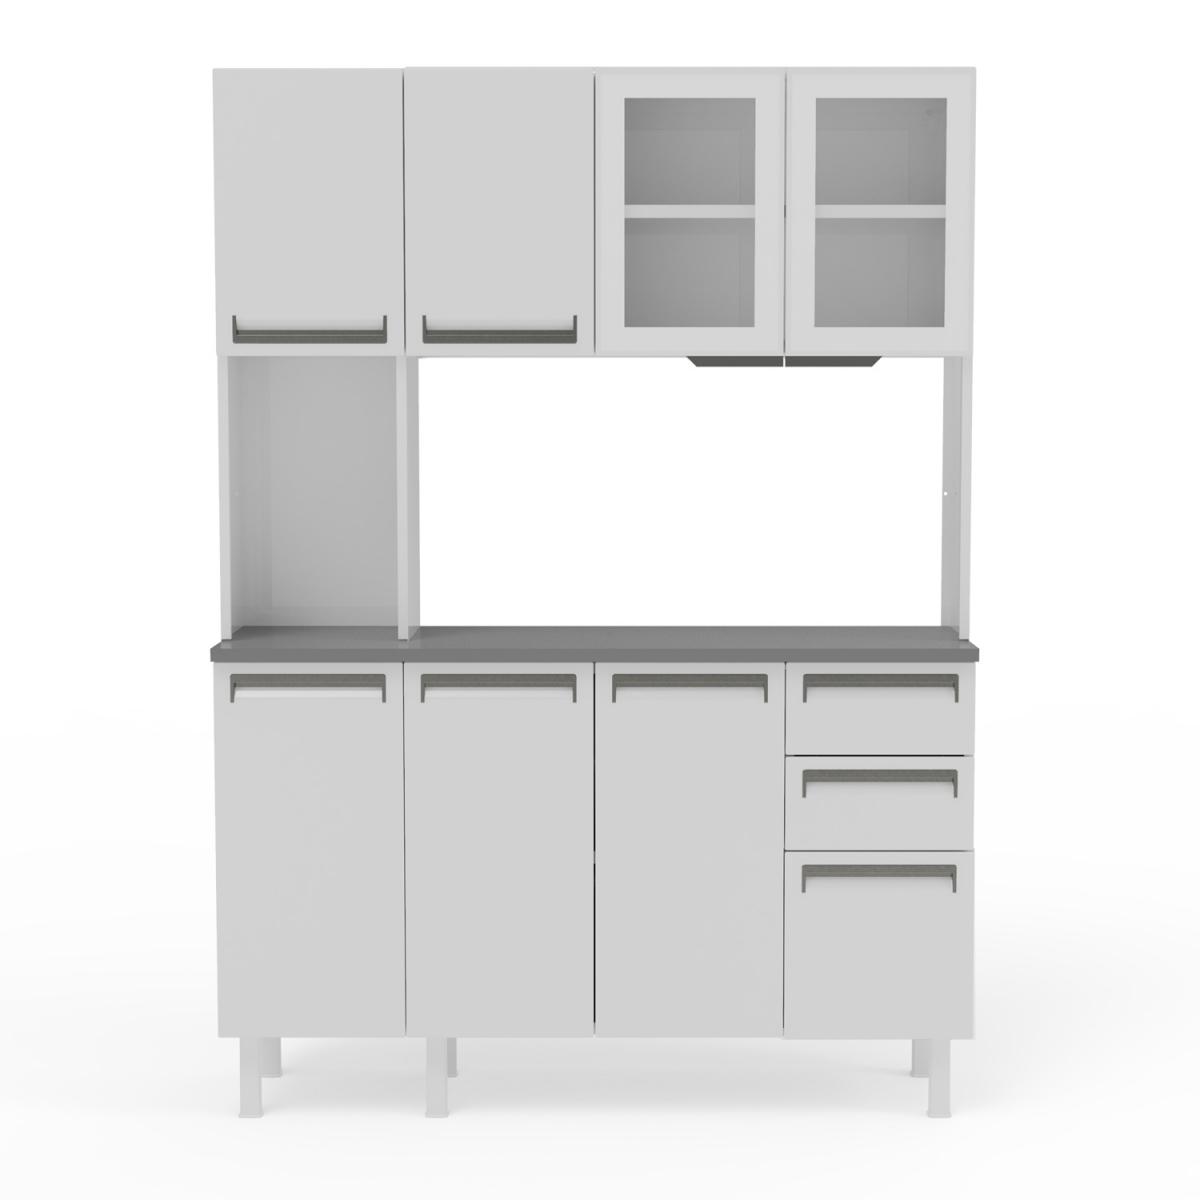 Kit de Cozinha Colormaq Roma 7 Portas, 2 Gavetas e 1 Gavetão em Aço e Vidro Branco e Grafito